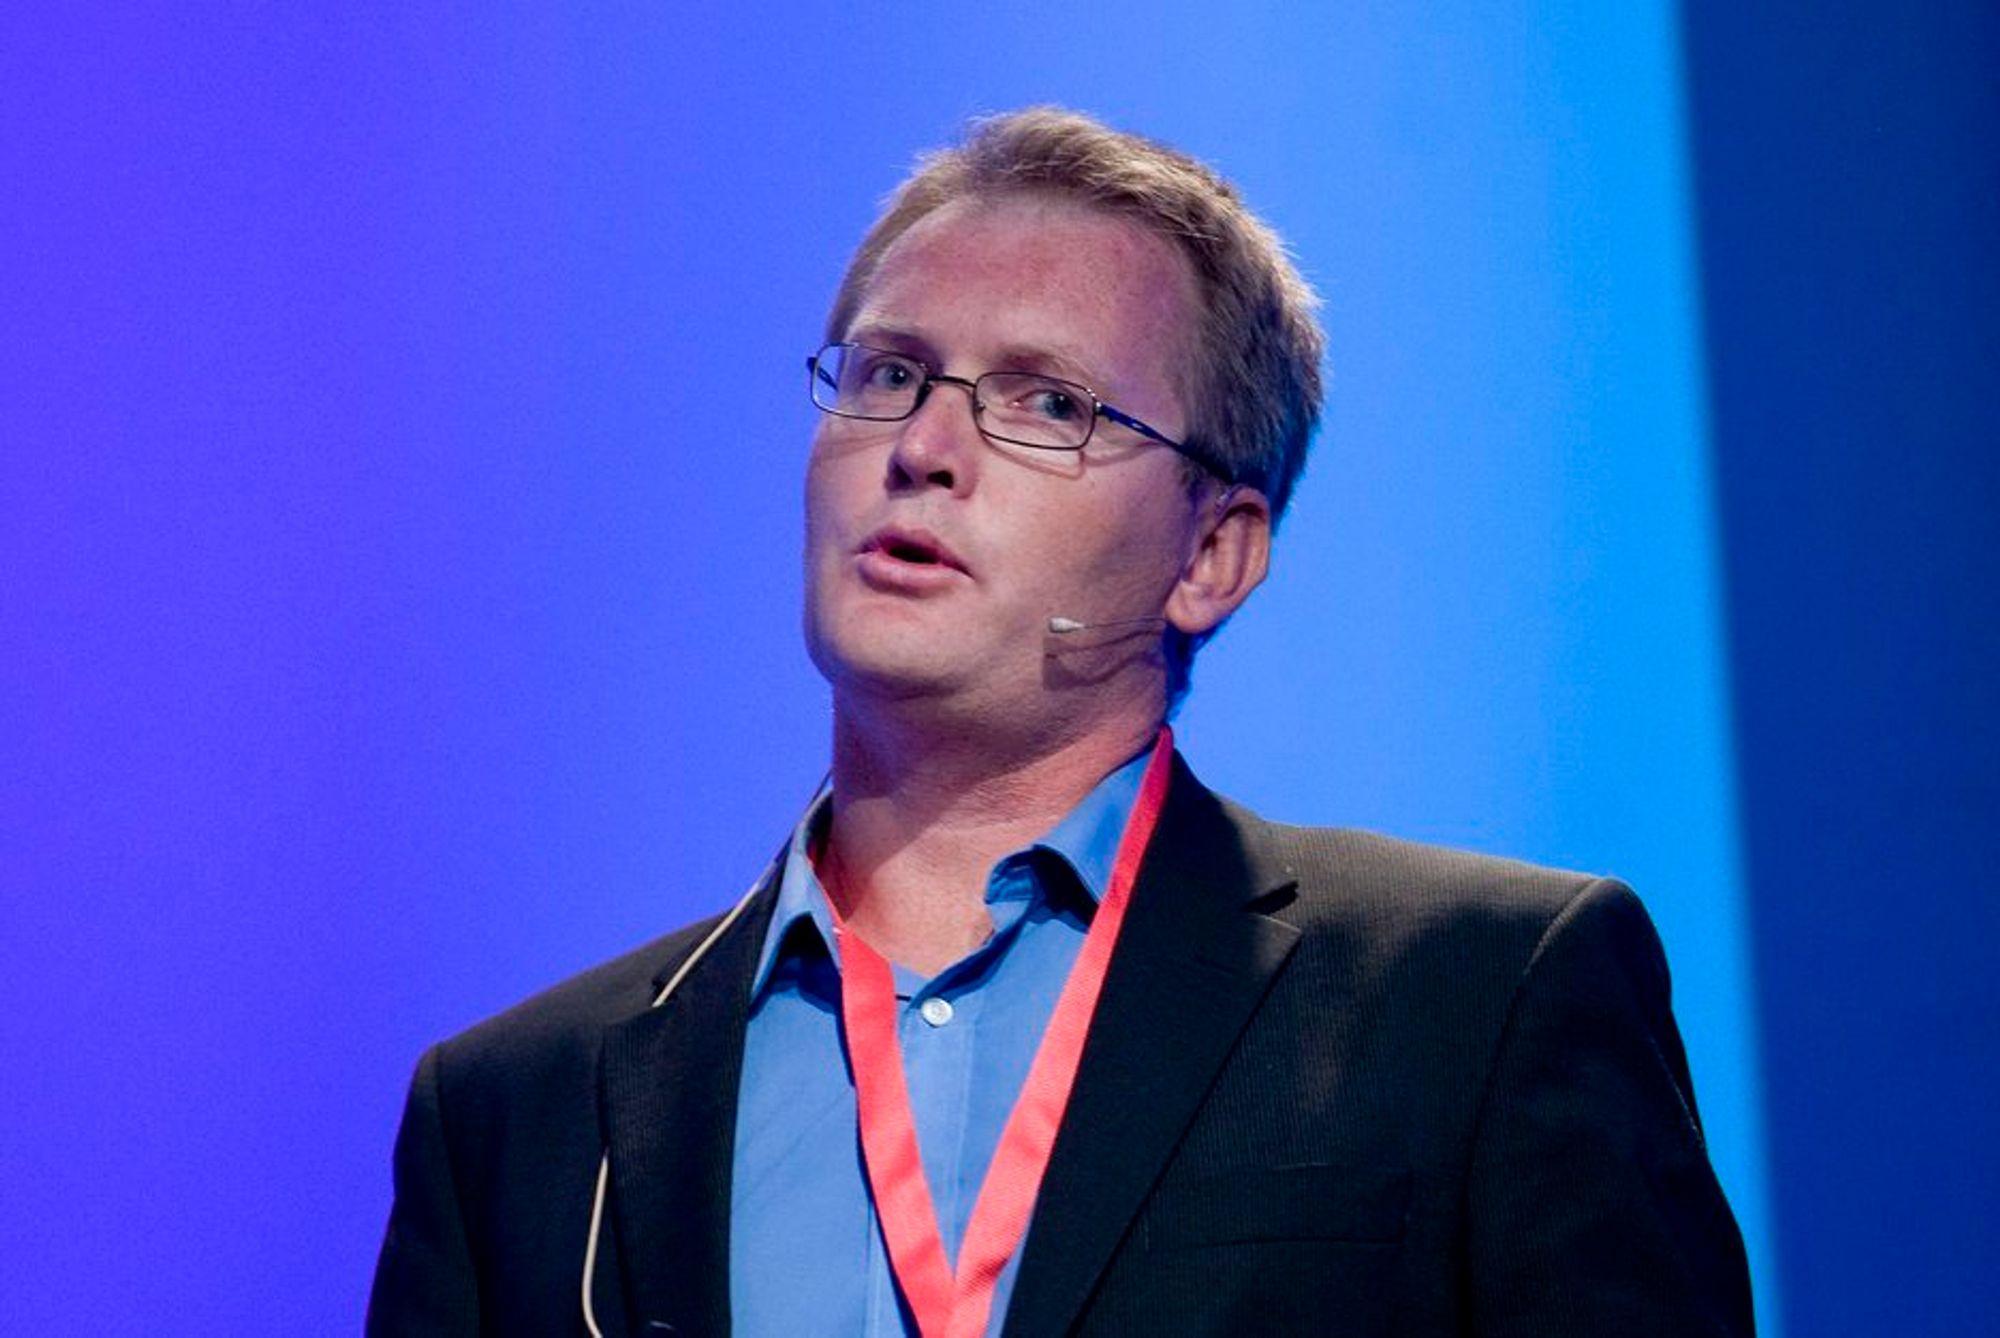 Altibox' administrerende direktør Leif Aarthun Ims mener verken Get eller Telenor kan skryte på seg noe superbredbånd.